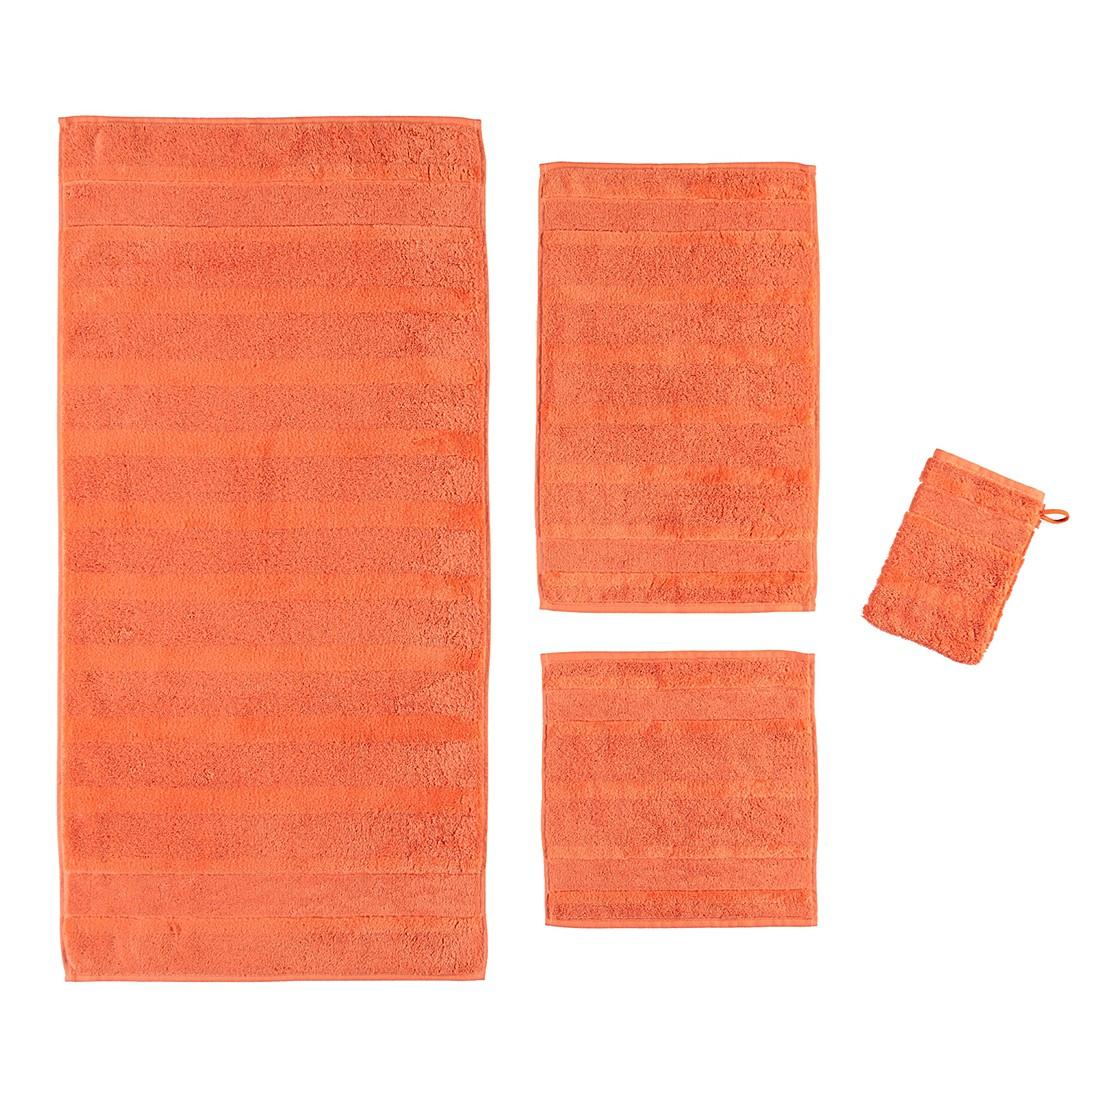 Handtücher Noblesse2 – Baumwolle – Papaya – Duschtuch 80×160 cm, Cawö kaufen